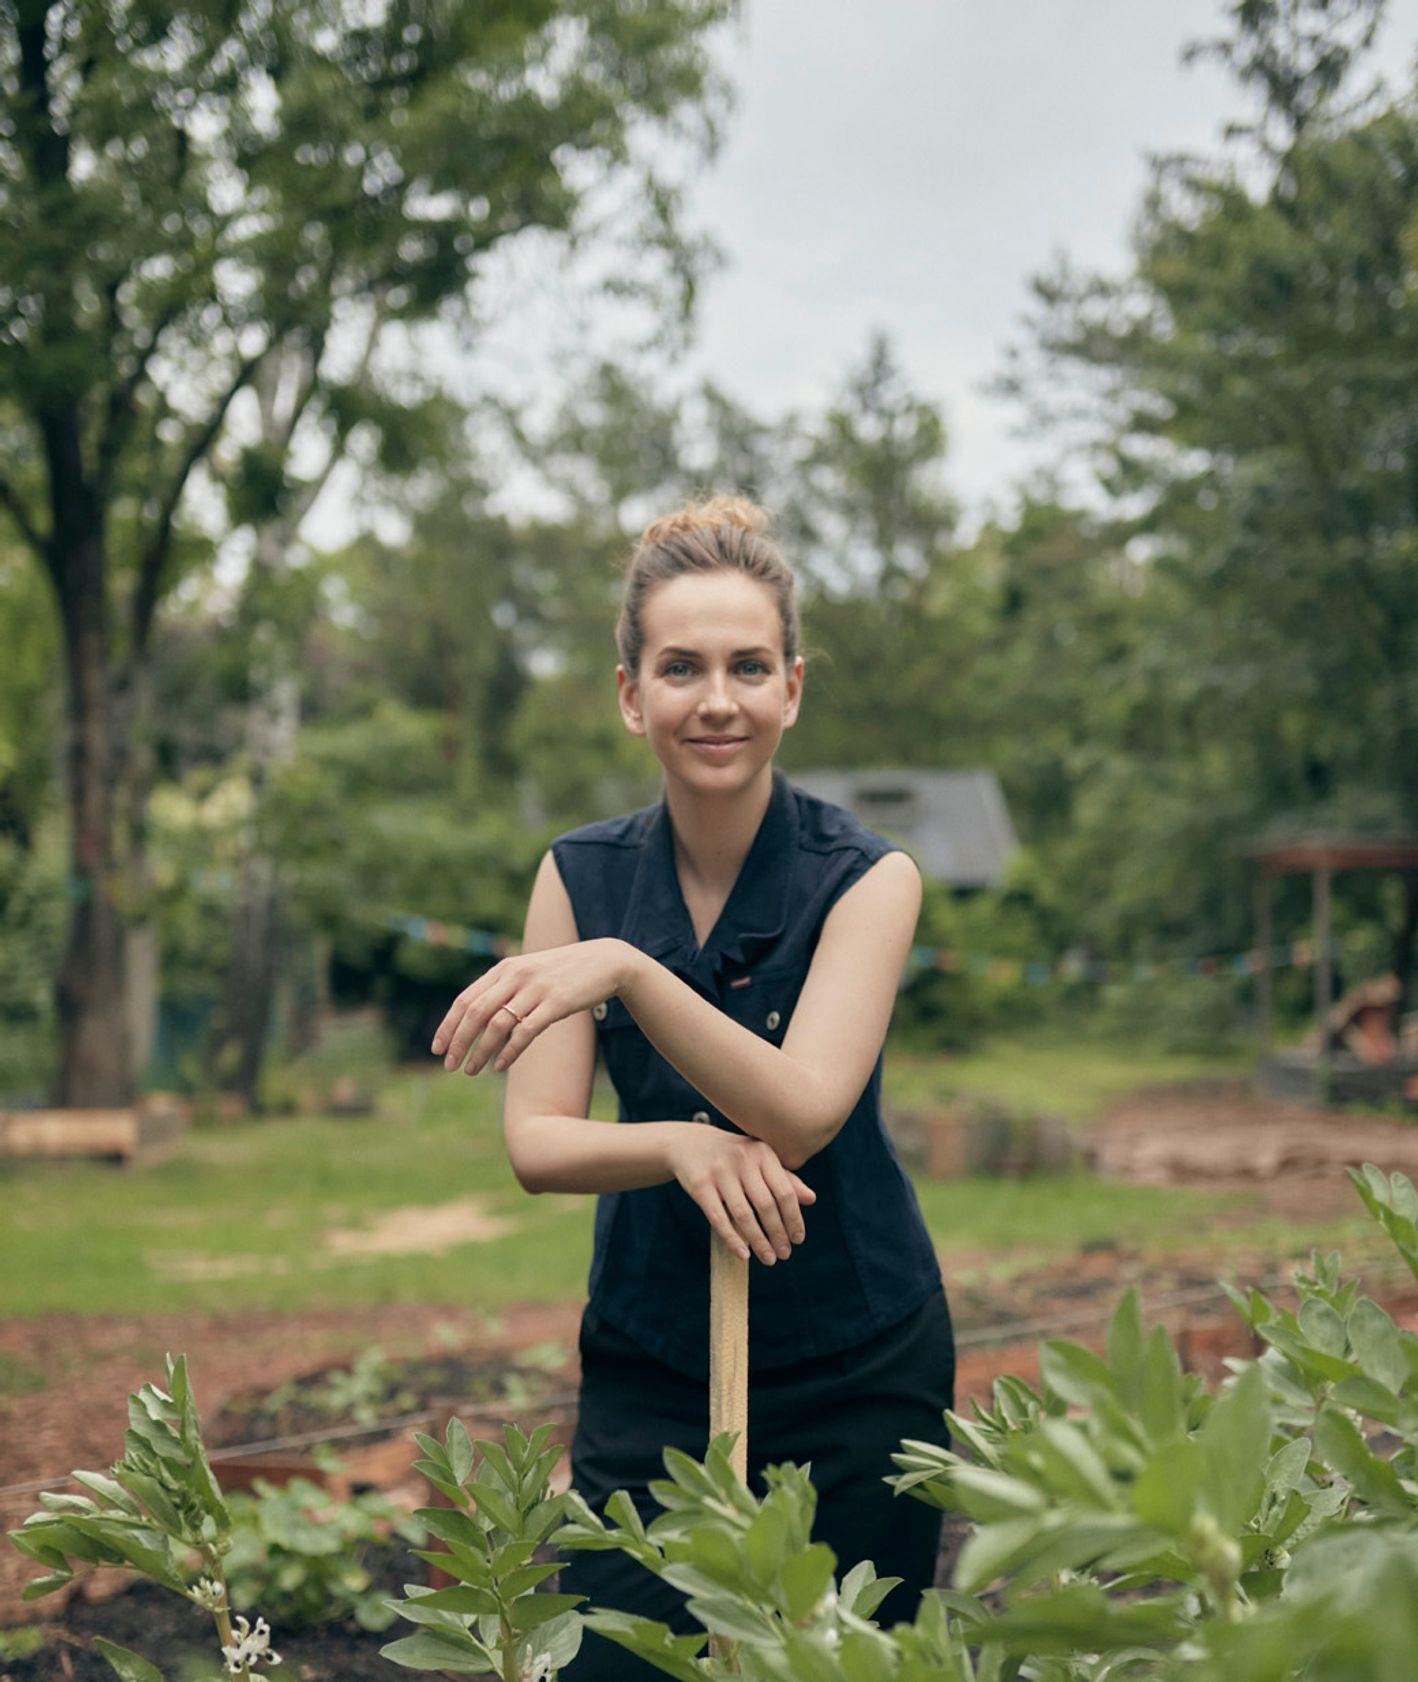 Marta Dymek, autorka Jadłonomii, w ogrodzie z łopatą (fot. Martyna Galla)